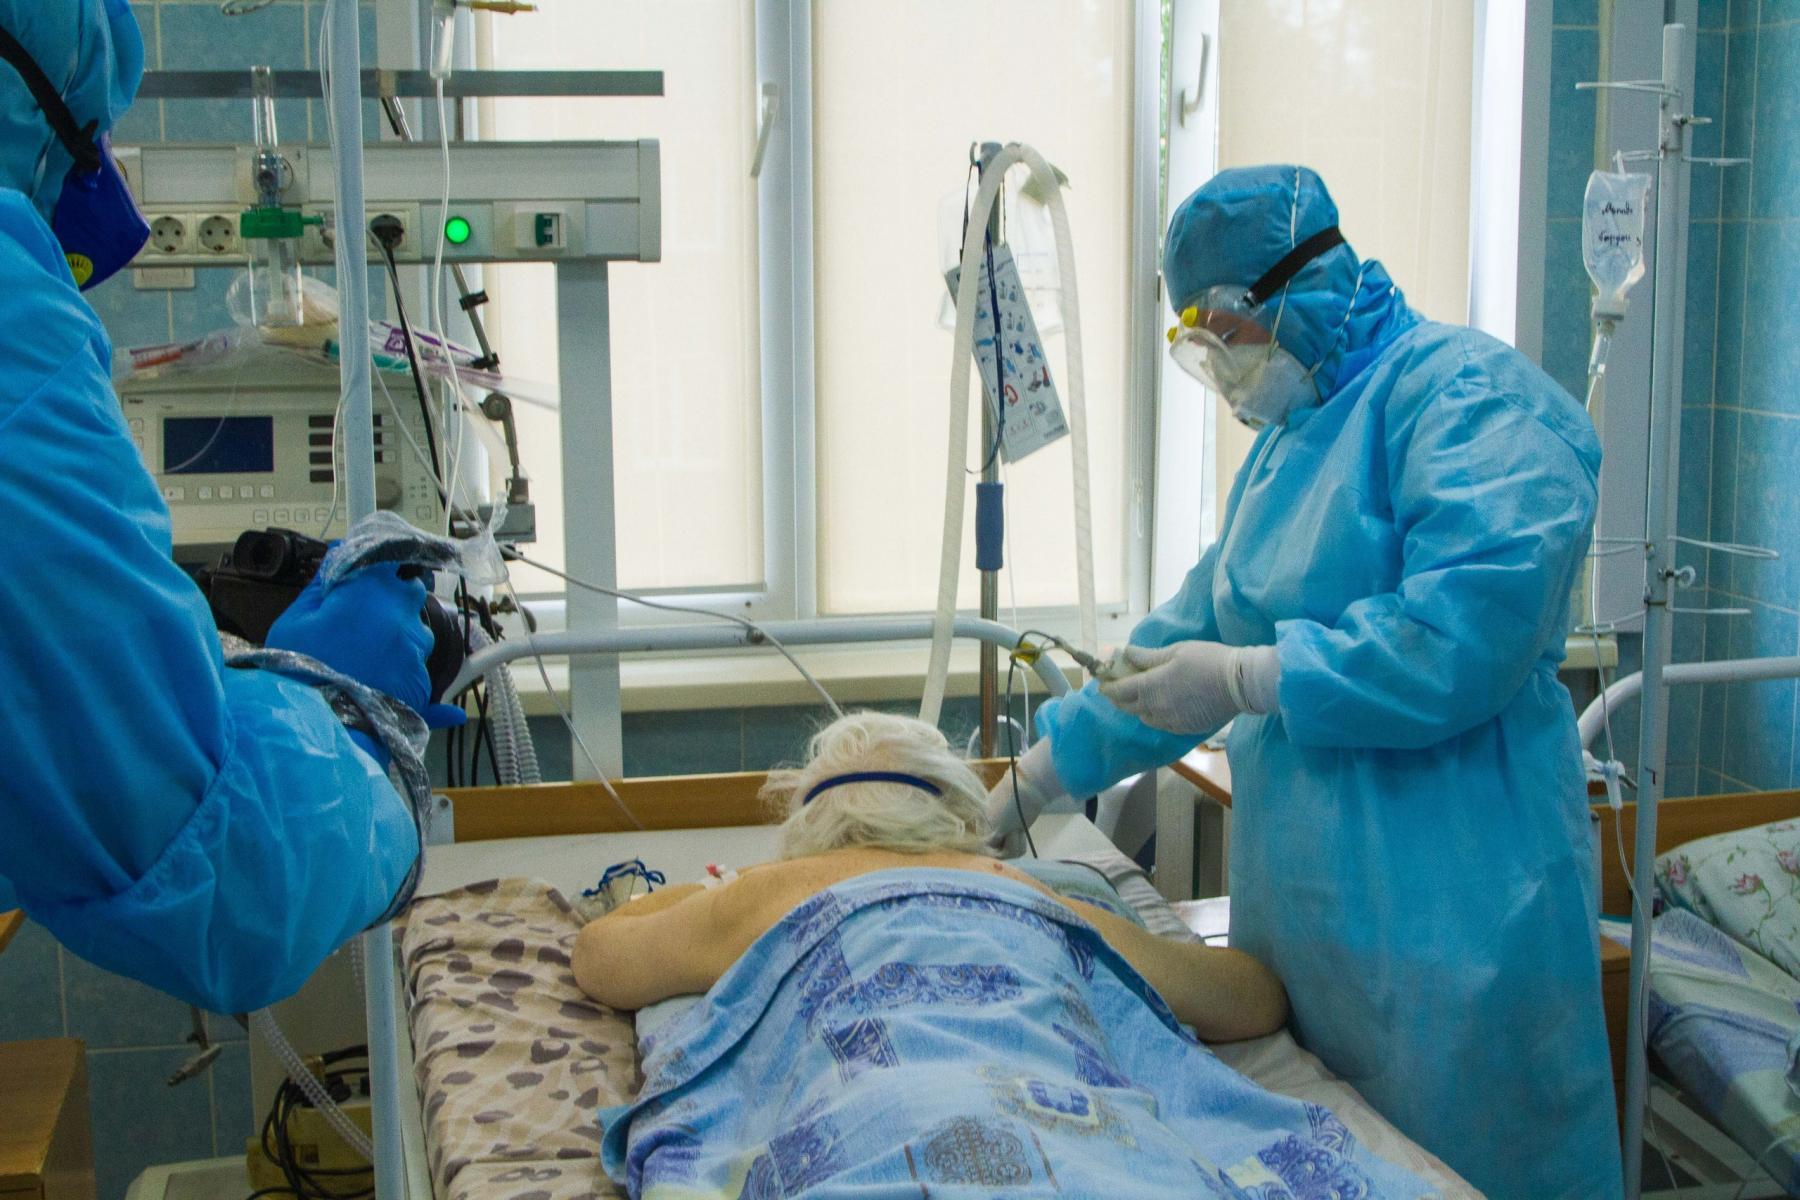 фото «Пандемия даже не близится к завершению»: мрачный прогноз о коронавирусе от главы ВОЗ 2